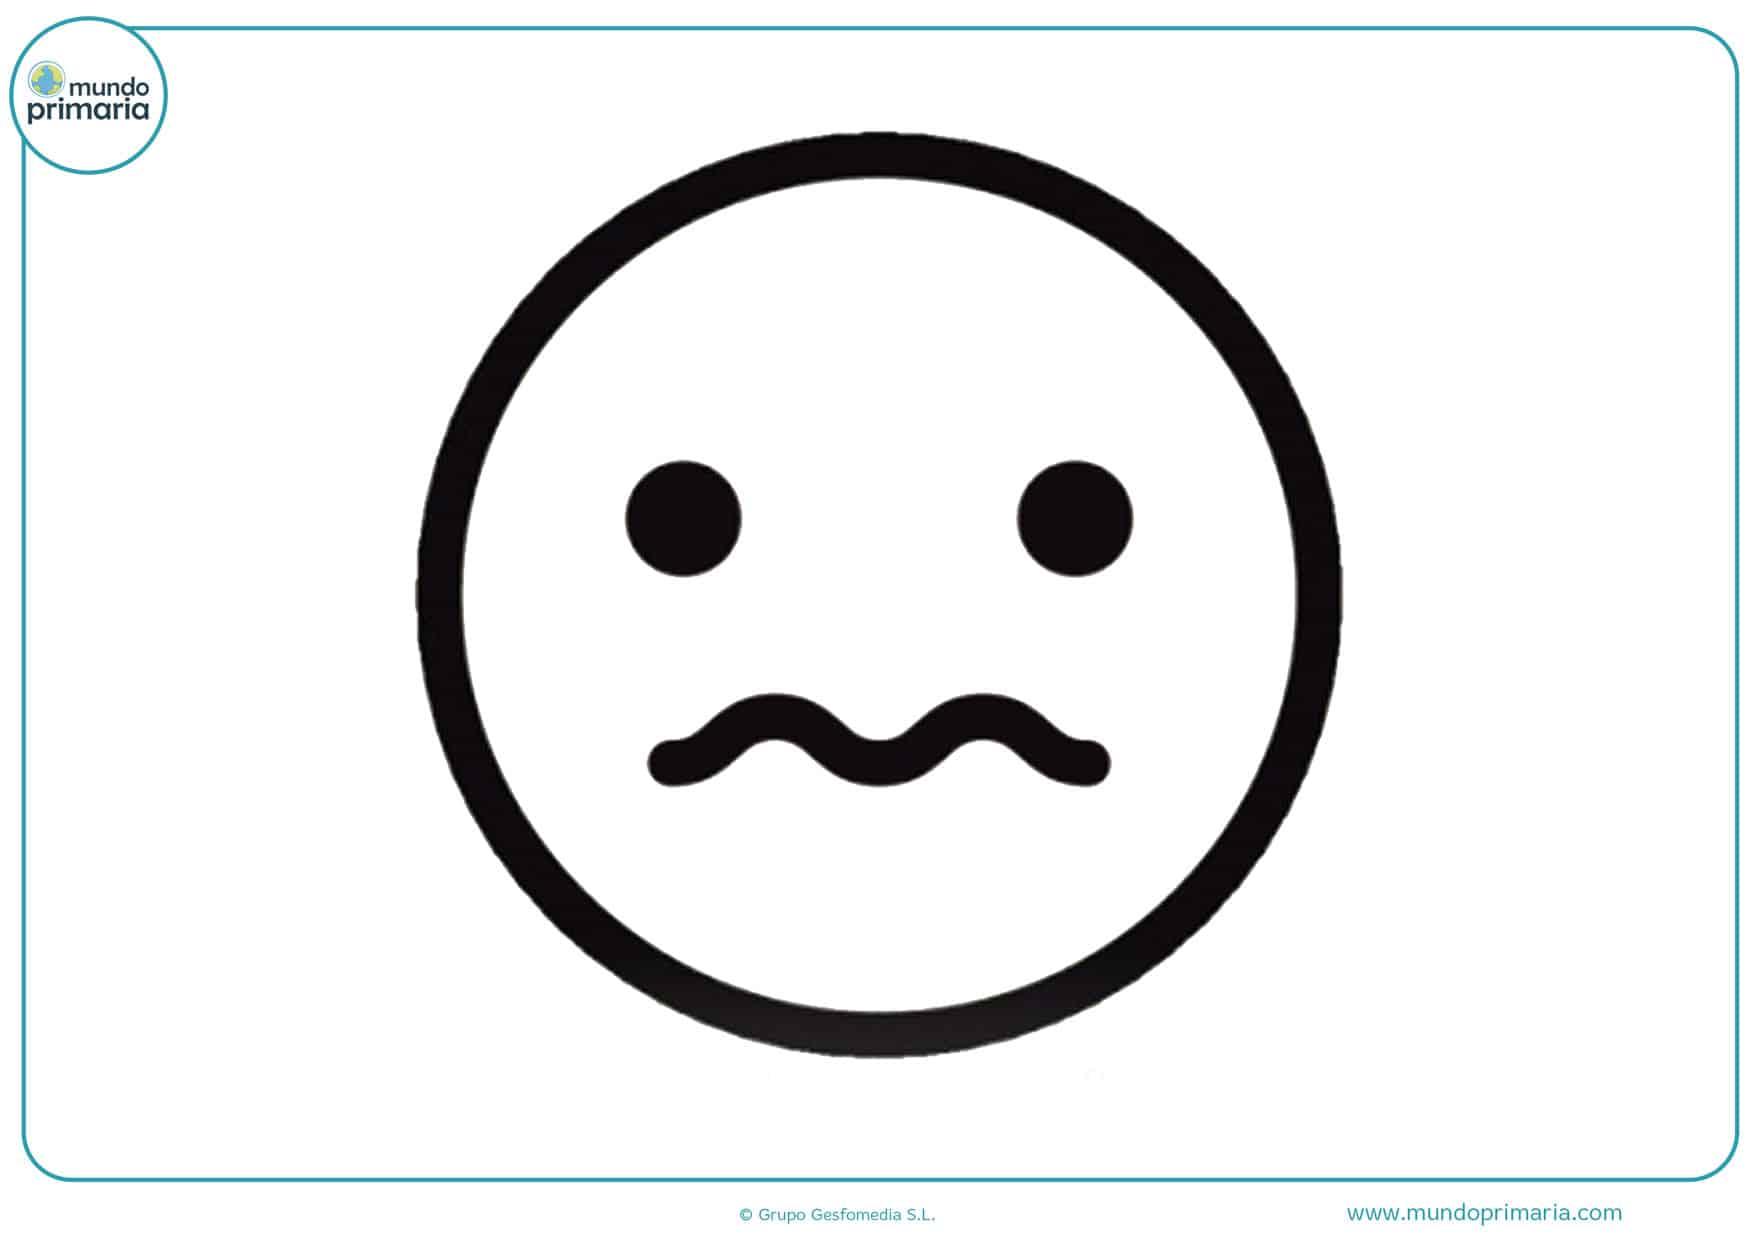 dibujos de emojis para imprimir y colorear